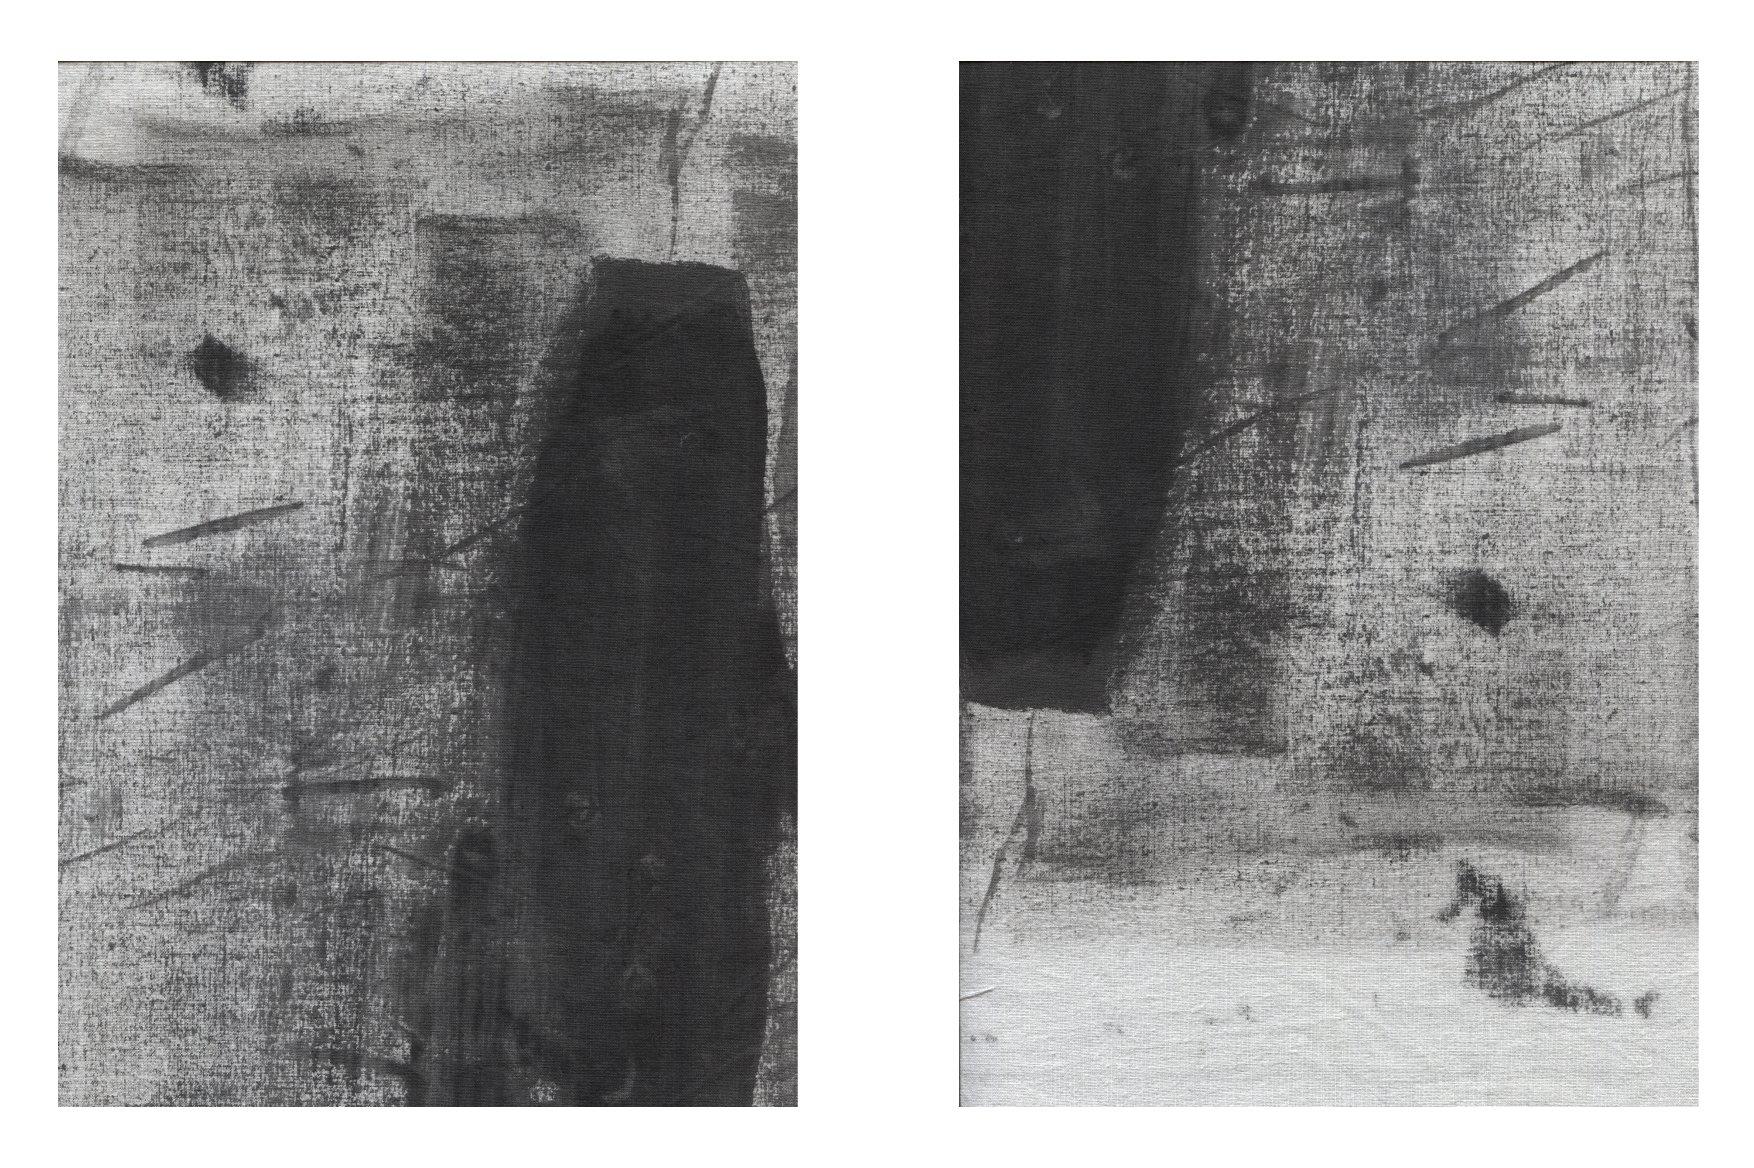 156款复古做旧折痕磨损褶皱纸张背景纹理素材合集 The Grunge Texture Bundle Vol. 1插图(8)